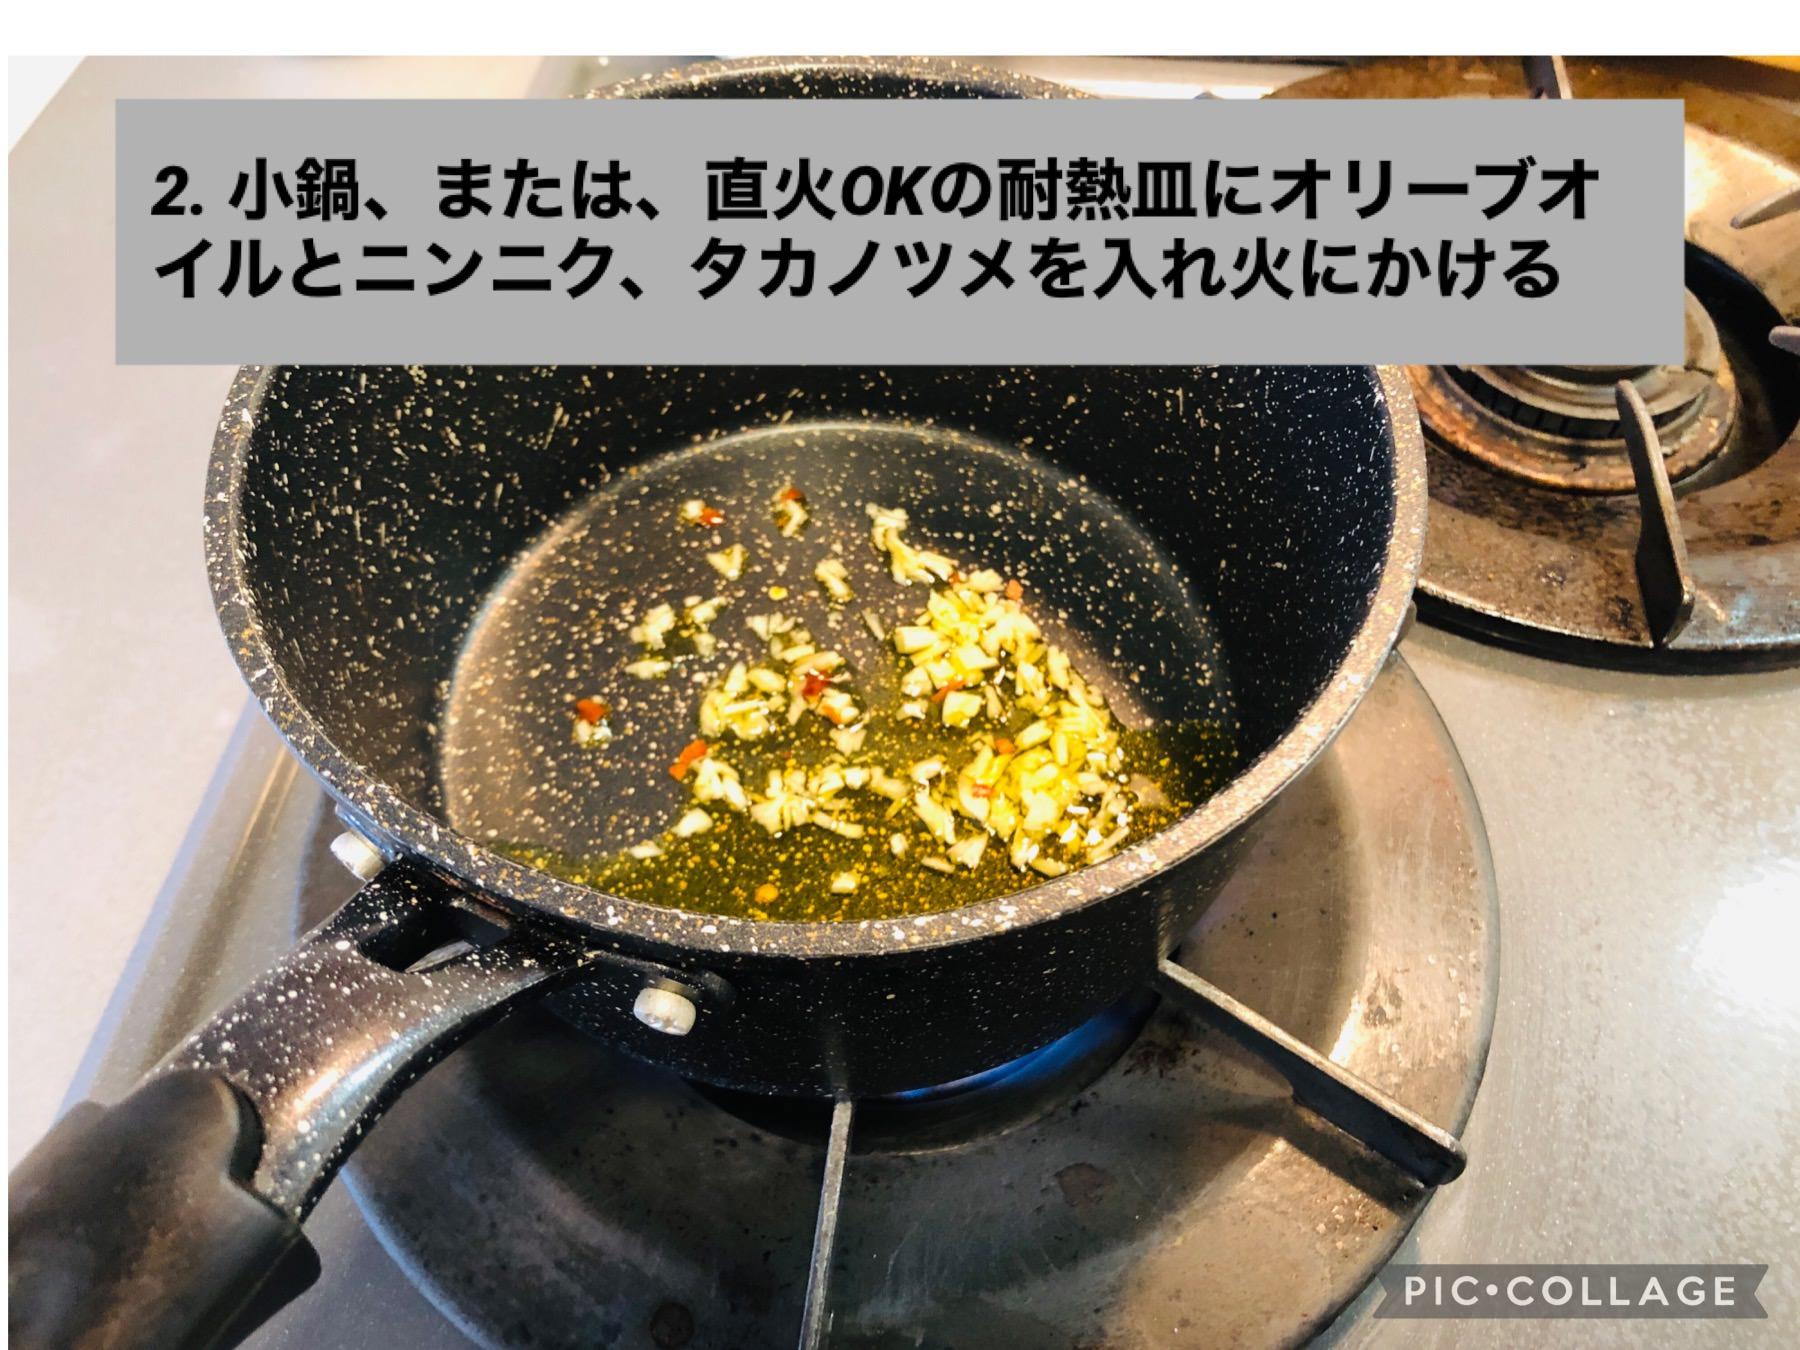 小鍋、又は直火OKの耐熱皿にオリーブオイルとニンニク、タカノツメを入れ火にかける様子の画像です